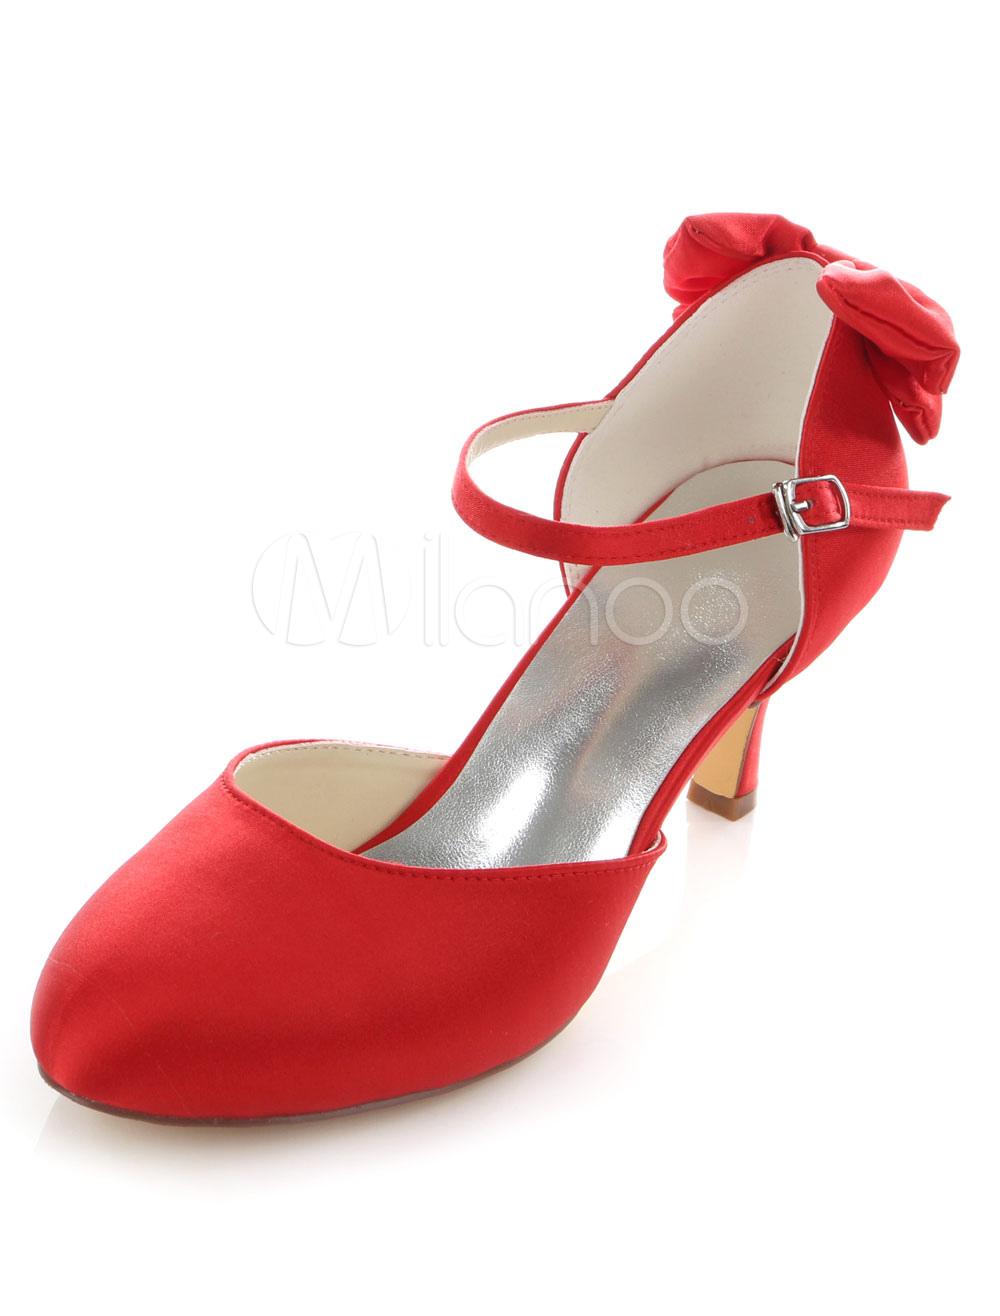 roten braut pumps bogen b gel satin hochzeit heels f r. Black Bedroom Furniture Sets. Home Design Ideas